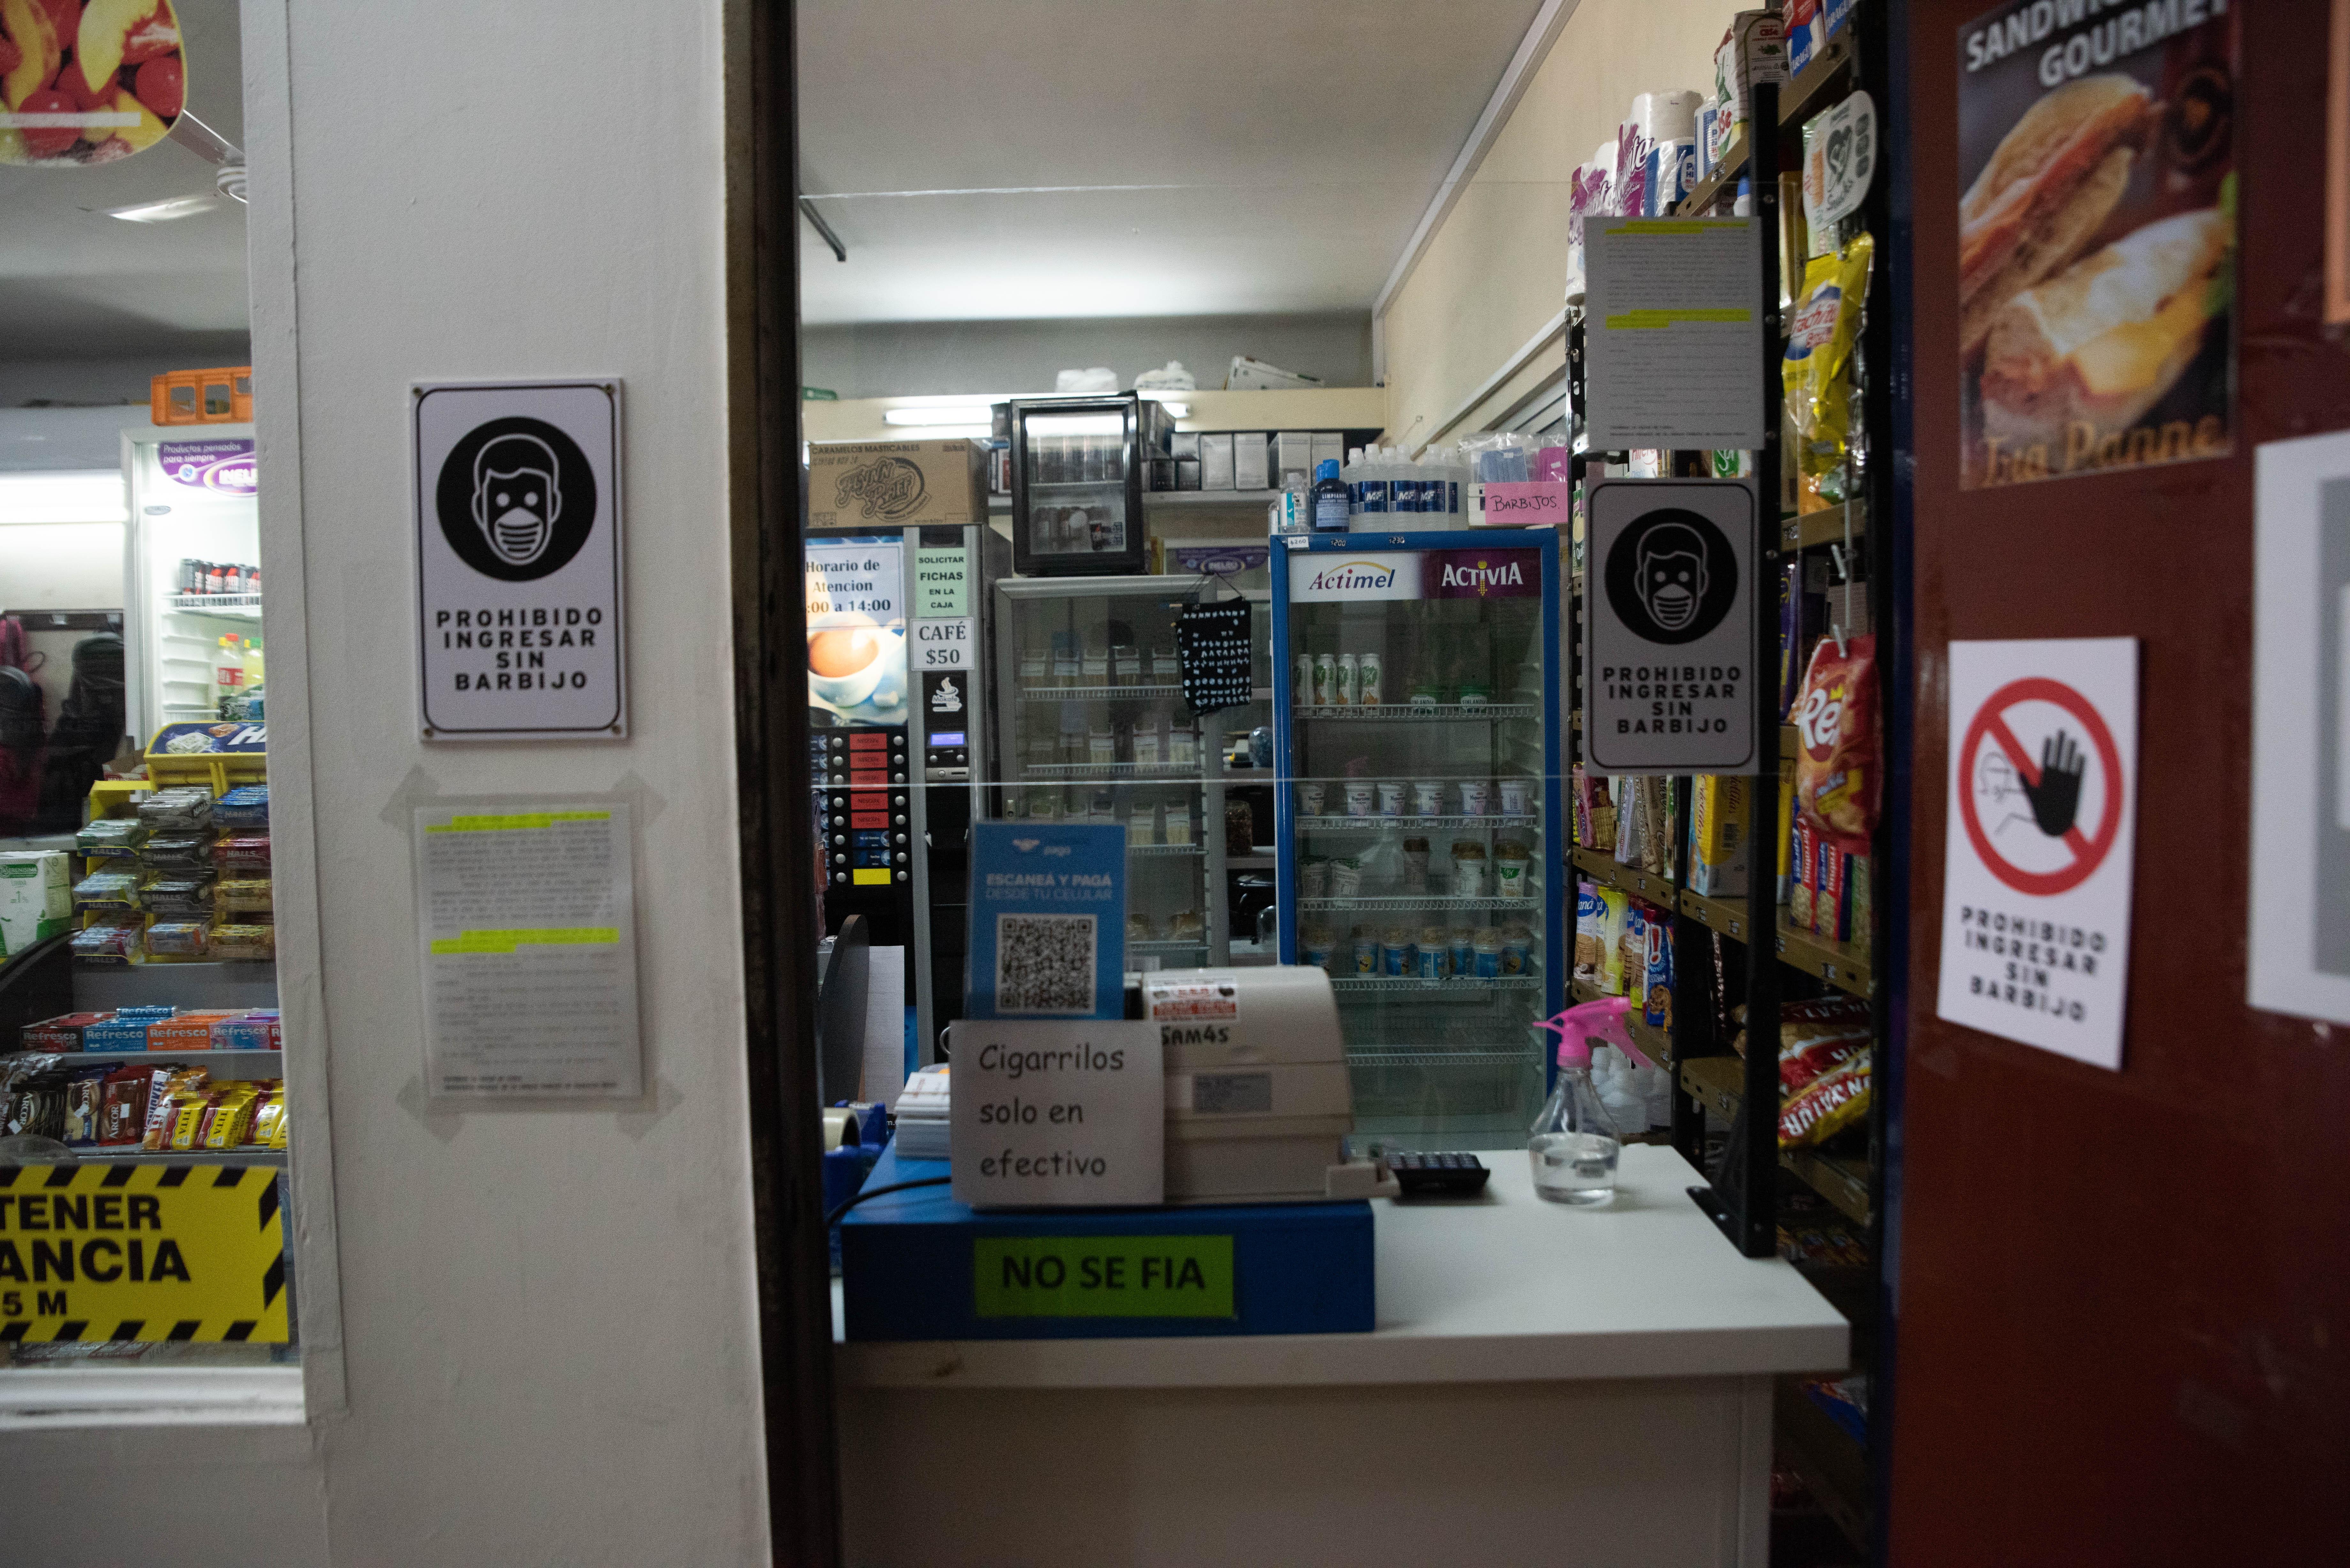 El kiosko del entrepiso de Comodoro Py. Solo vende productos para llevar.